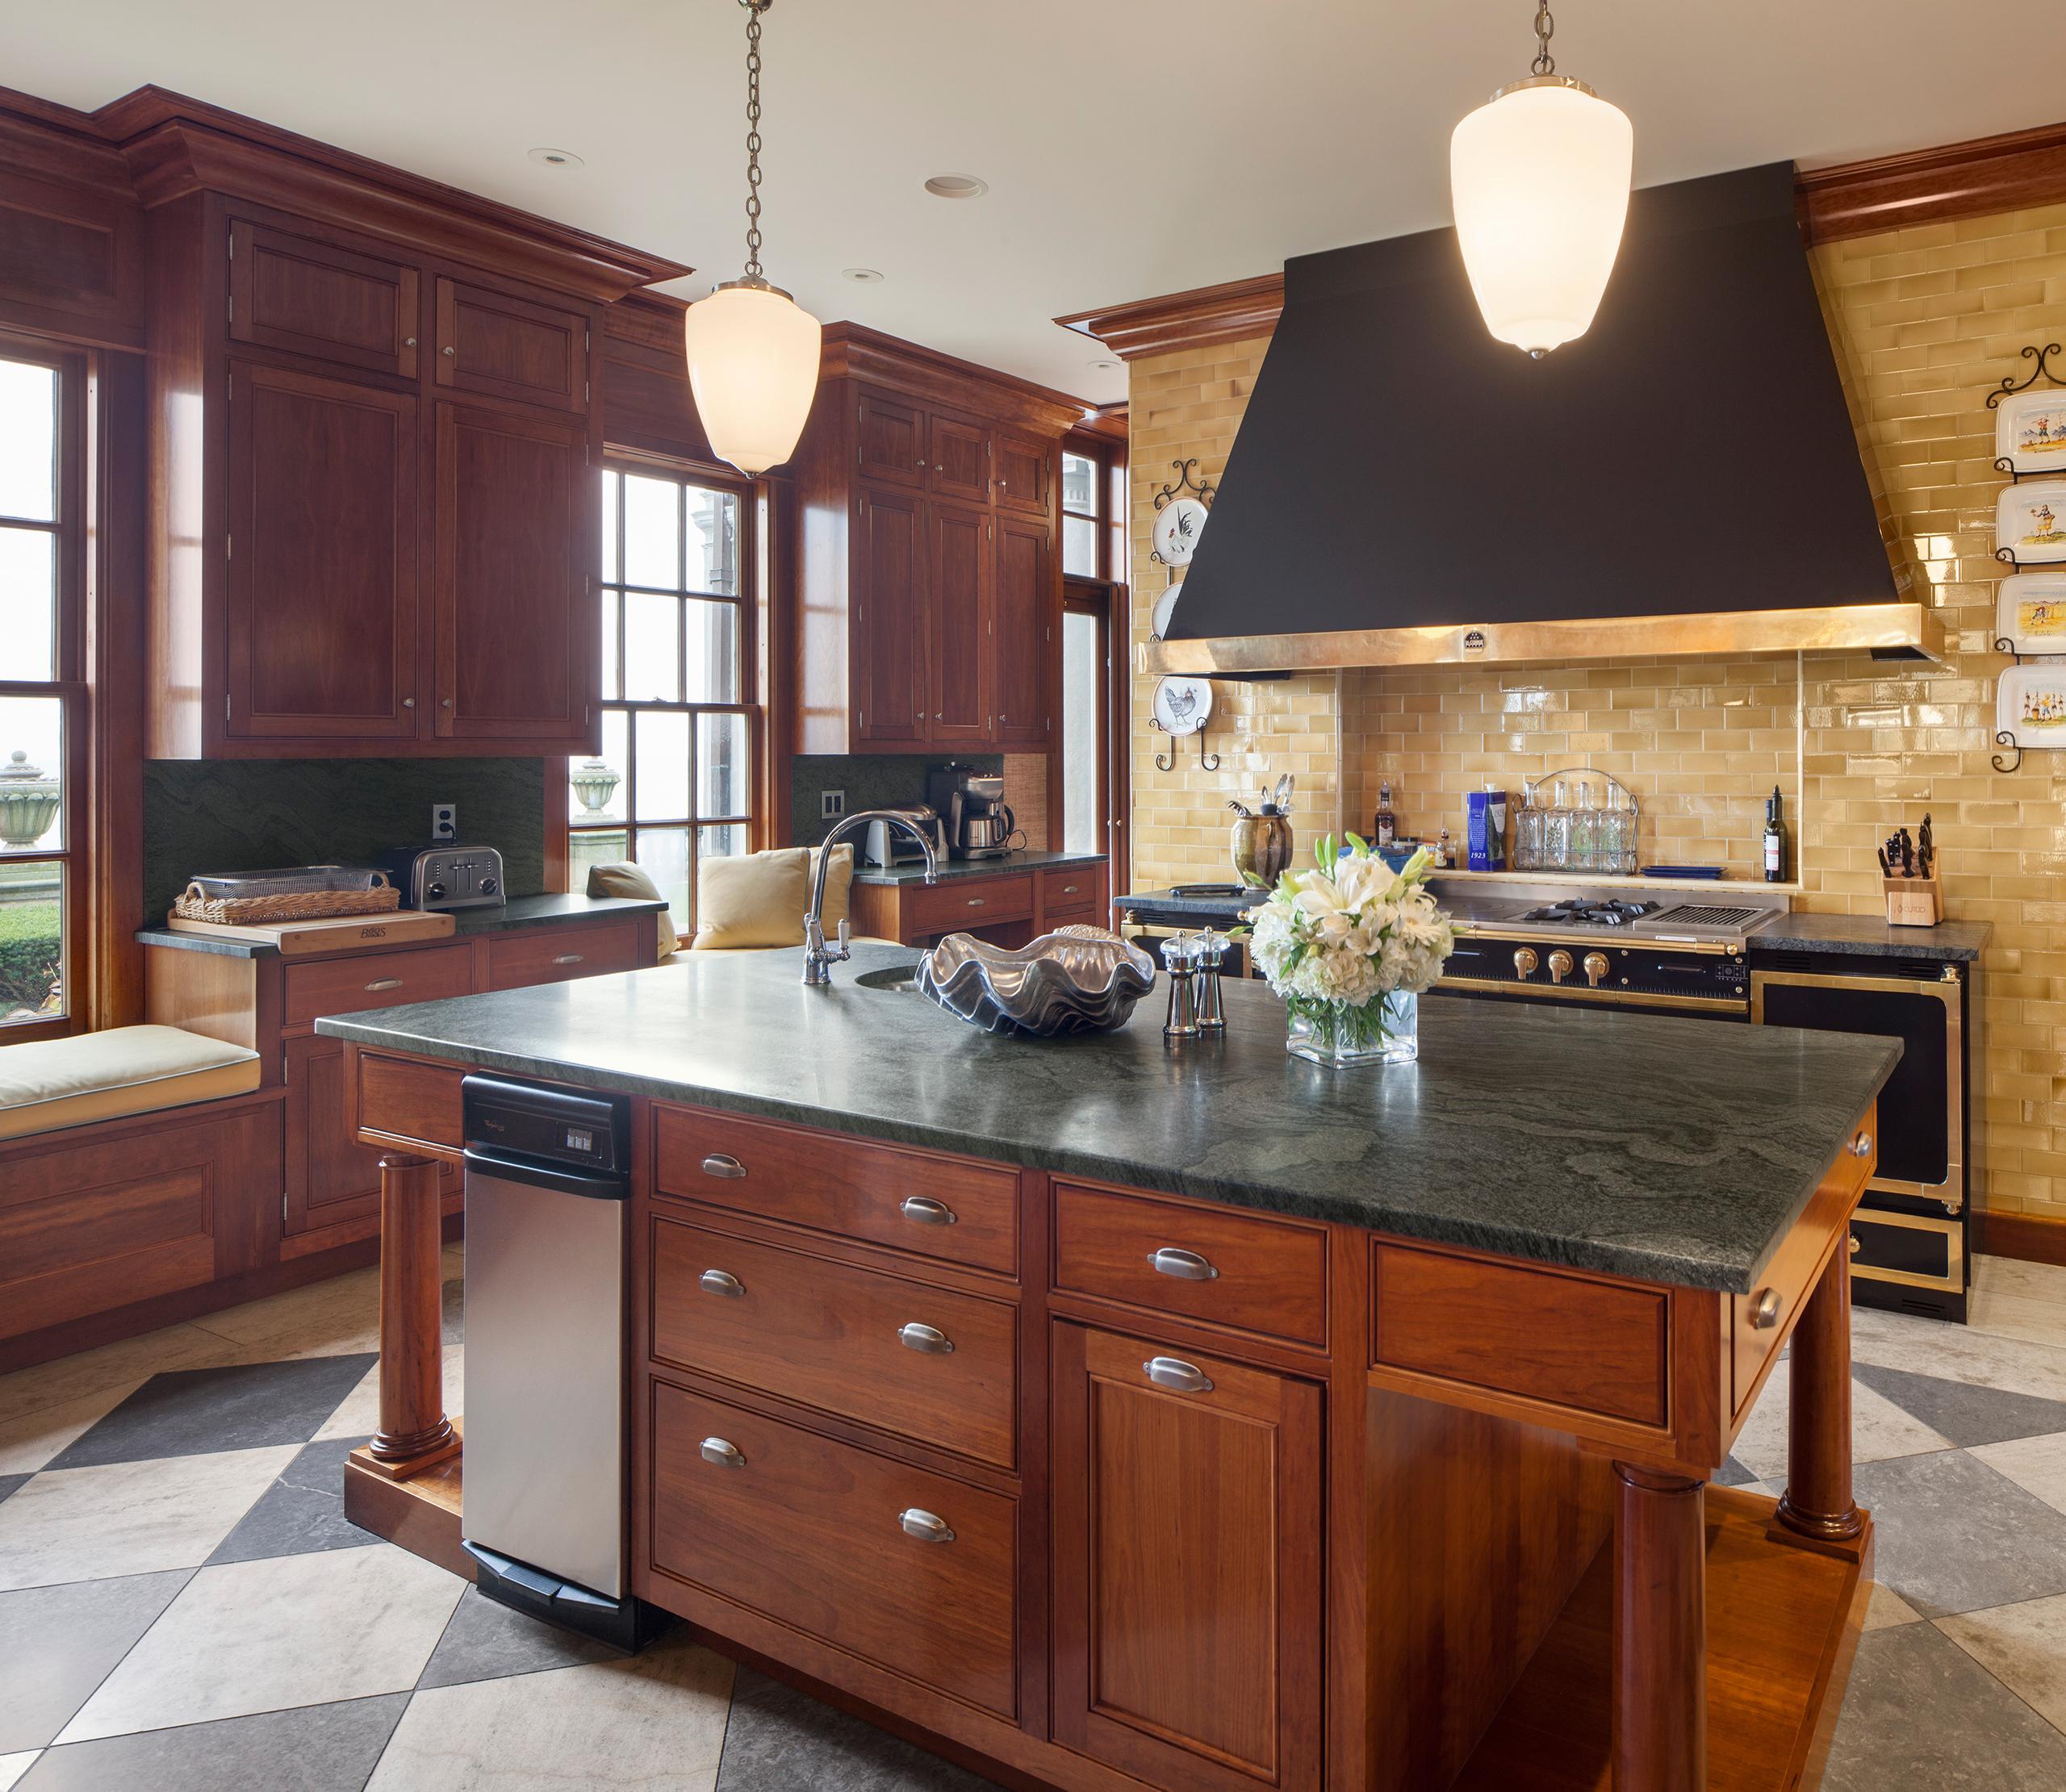 rockcliff kitchen design with island